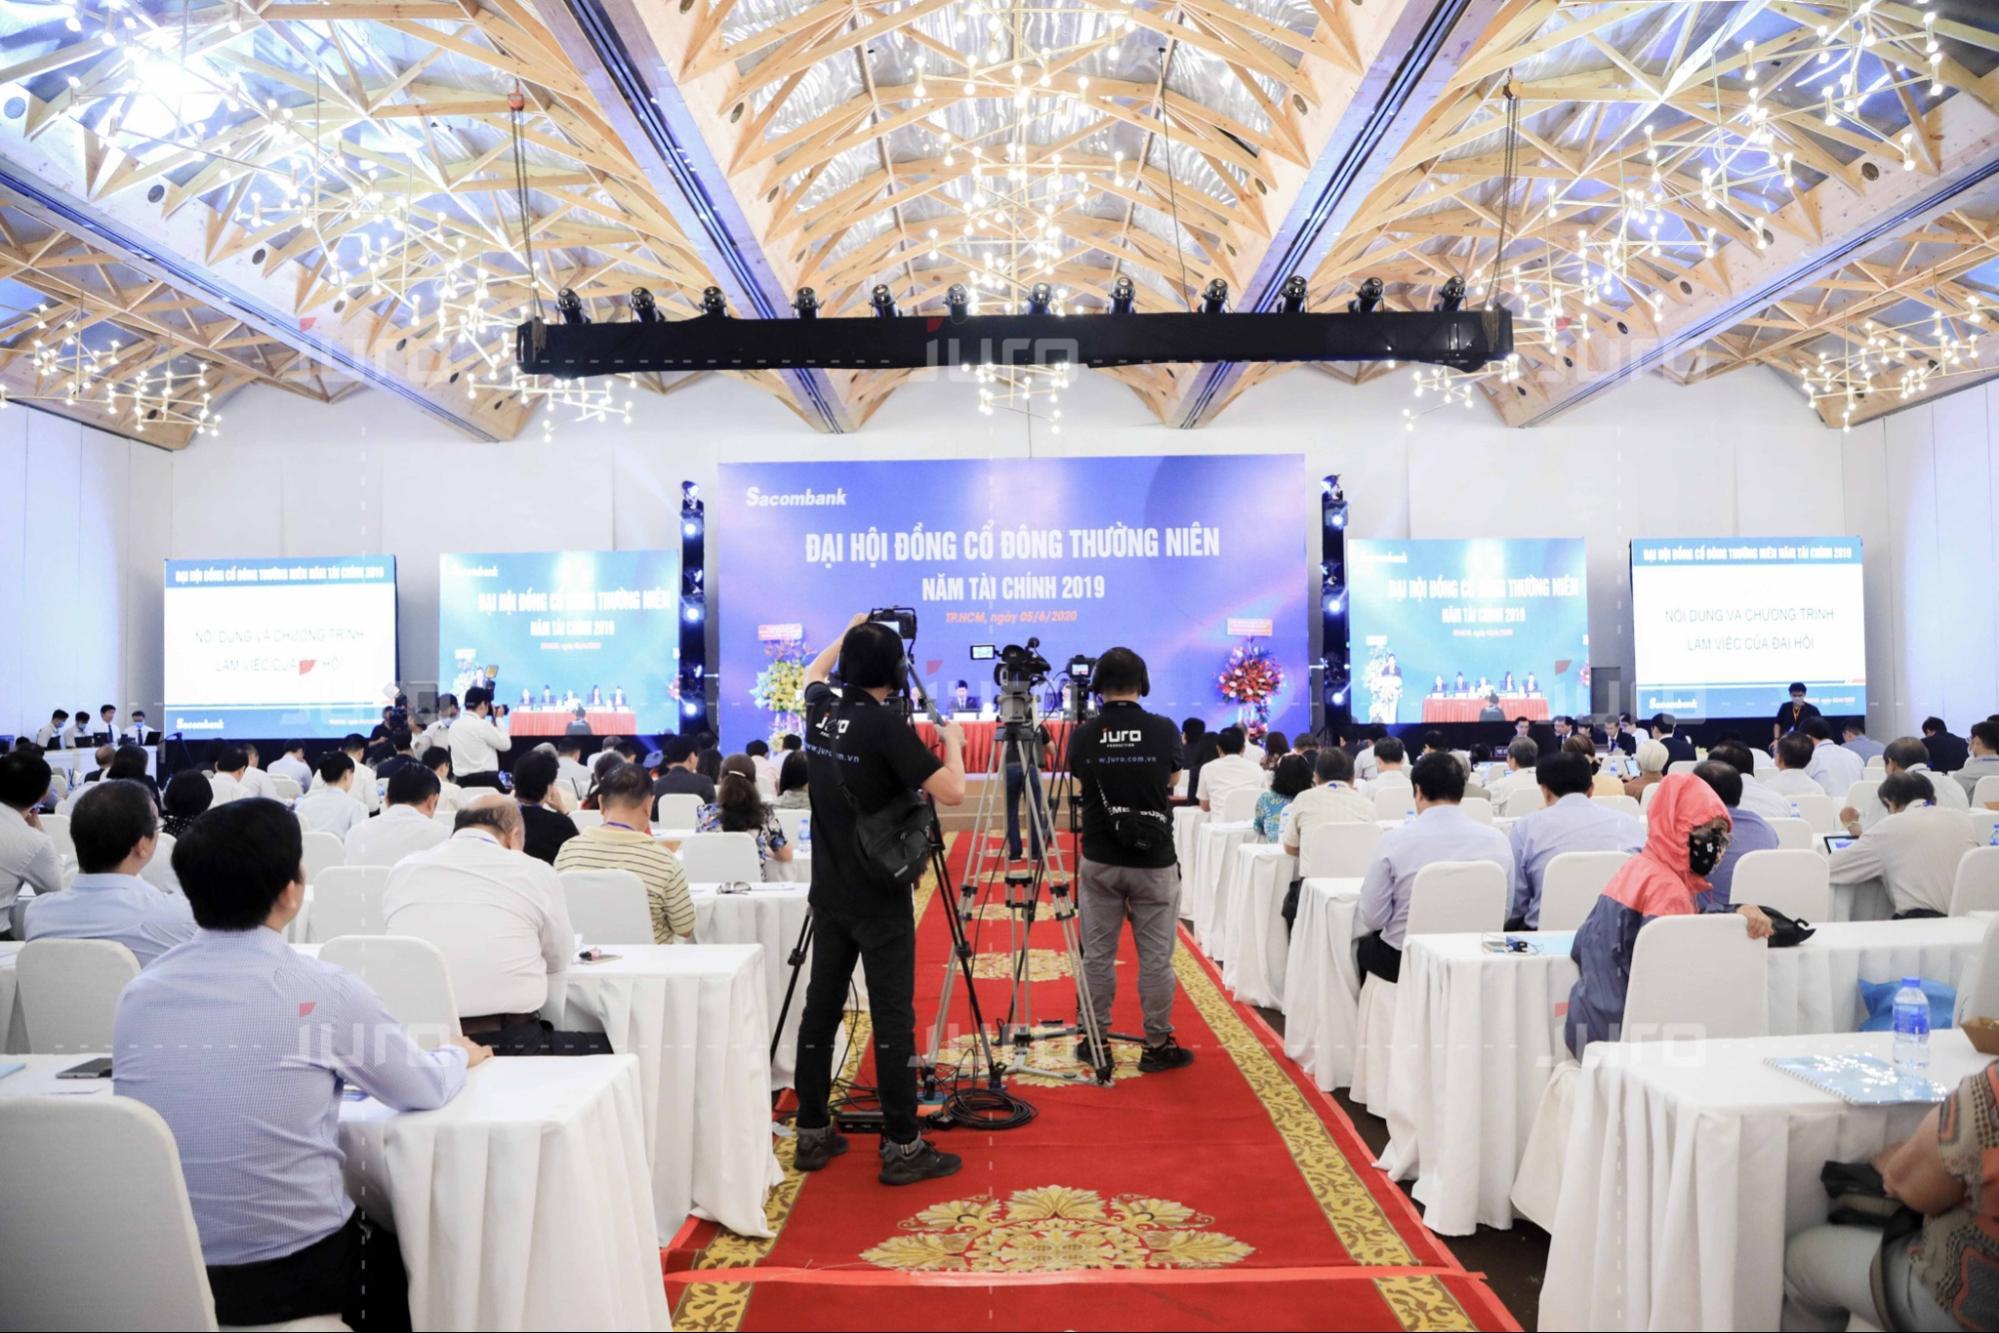 JURO - Công ty tổ chức sự kiện chuyên nghiệp , uy tín